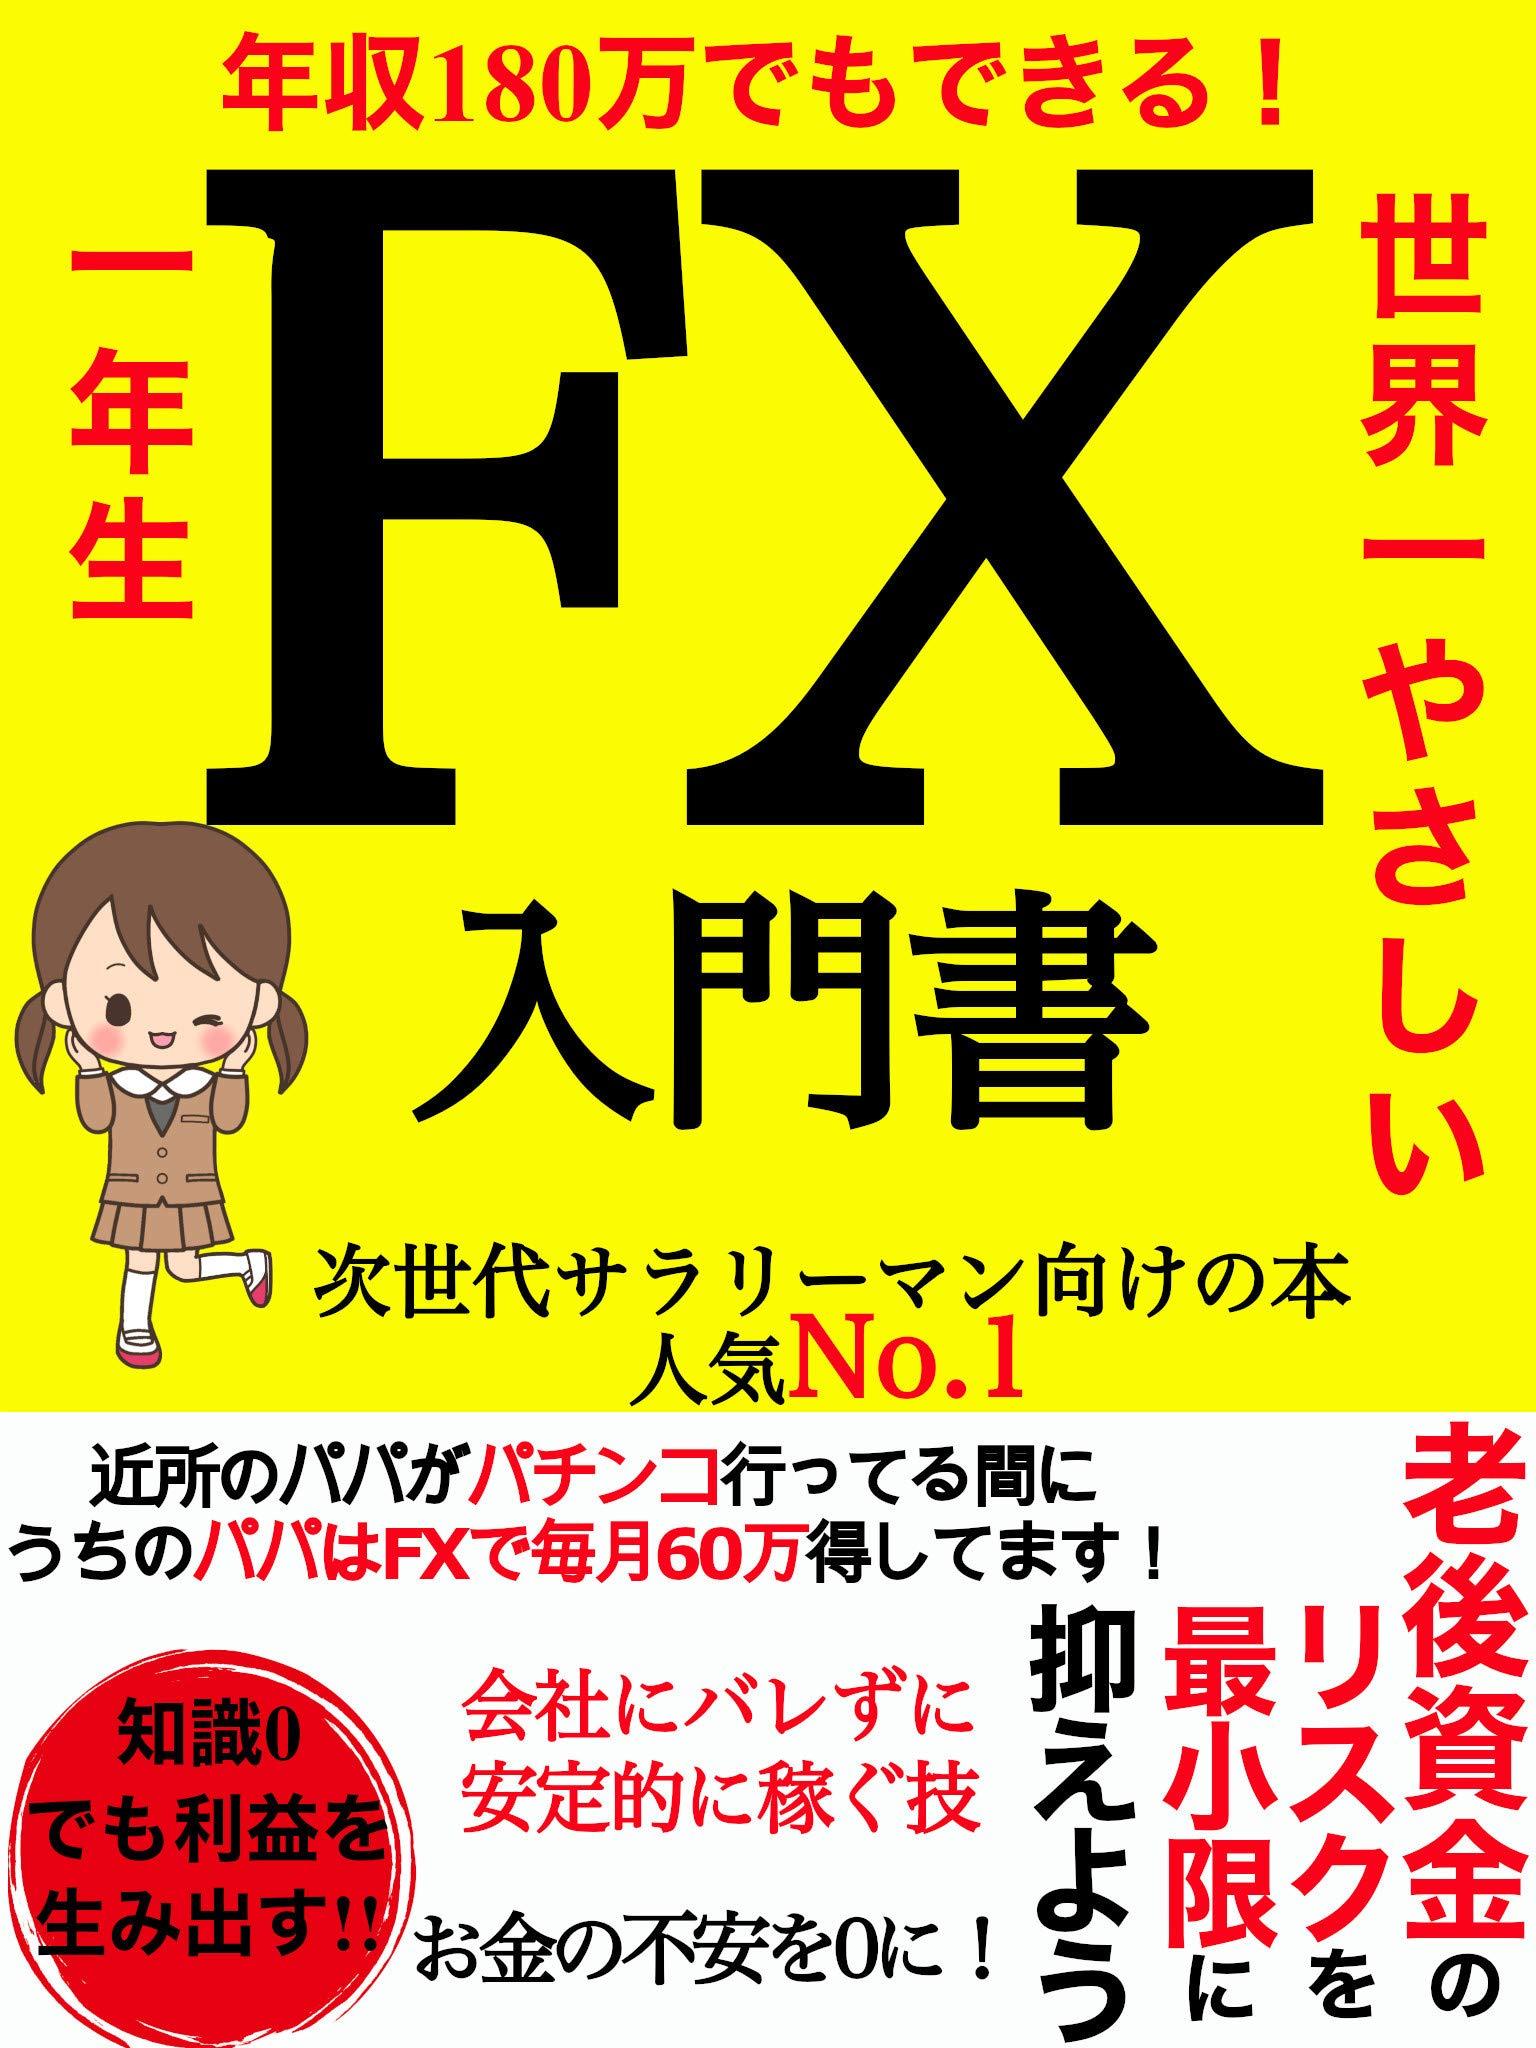 nennsyuuhyakuhatijyuumanndemodekiru sekaiitiyasasiiefuekkusunyuukonn: efuekkusu hukugyou tyousyosinnsya (Japanese Edition)